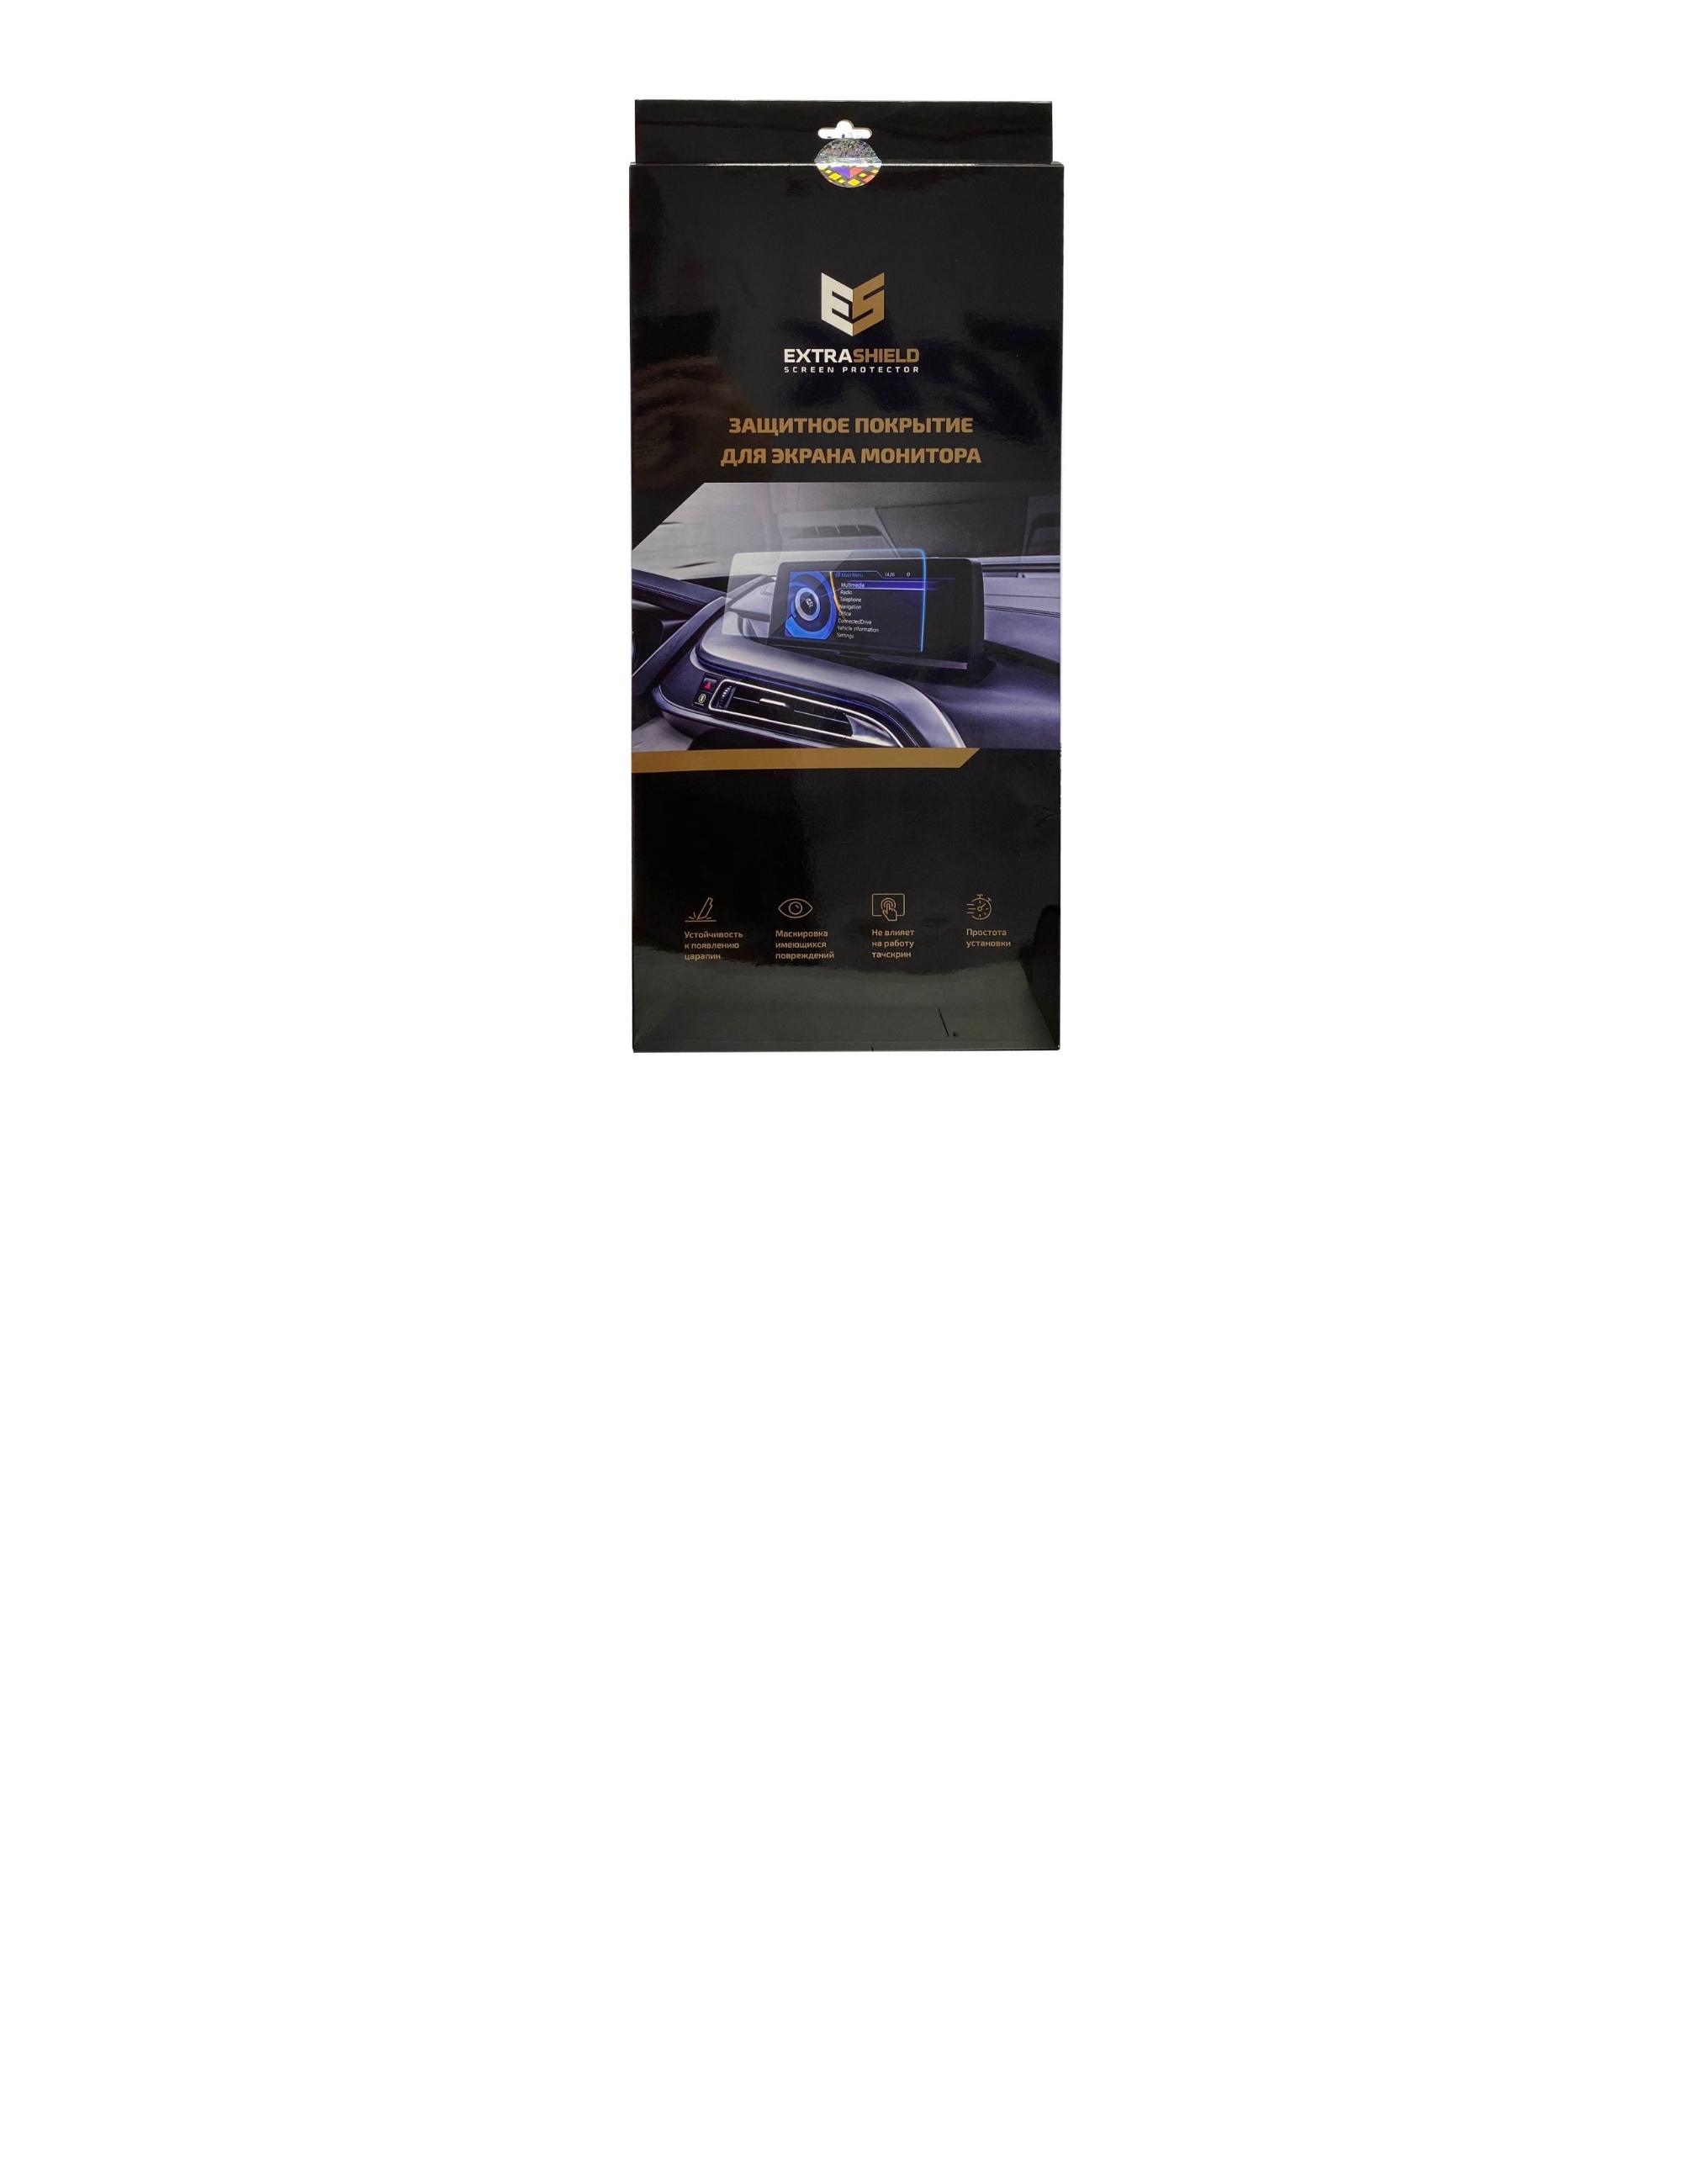 Audi Q5 II (FY) рестайлинг 2019 - н.в. мультимедиа MMI 8.3 Защитное стекло Матовая